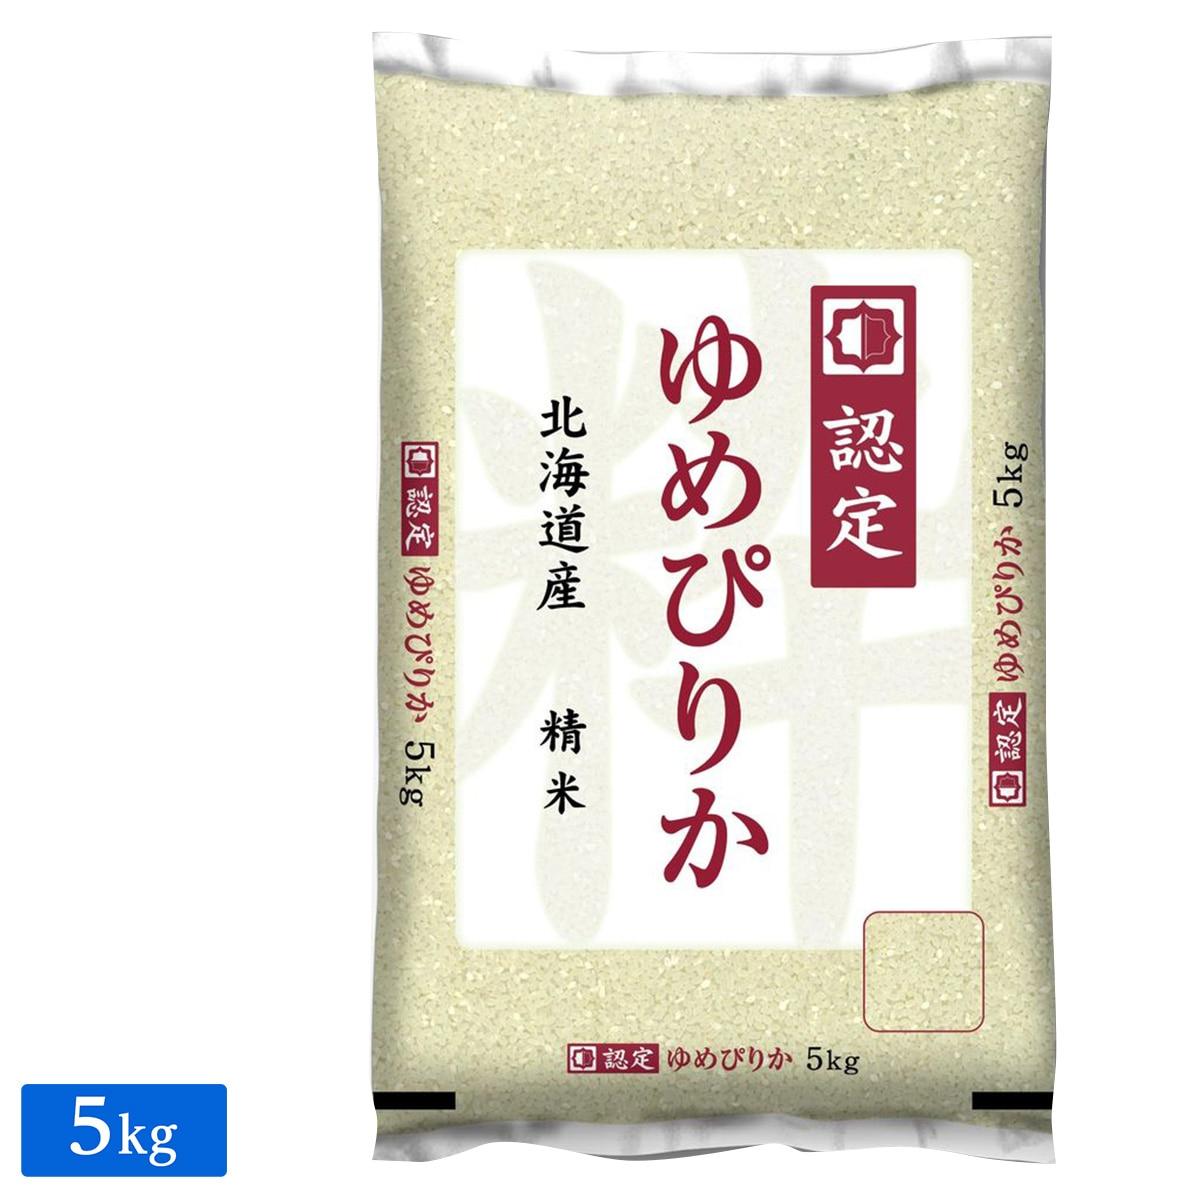 ■◇令和2年産 北海道産 特A ゆめぴりか 5kg(1袋)